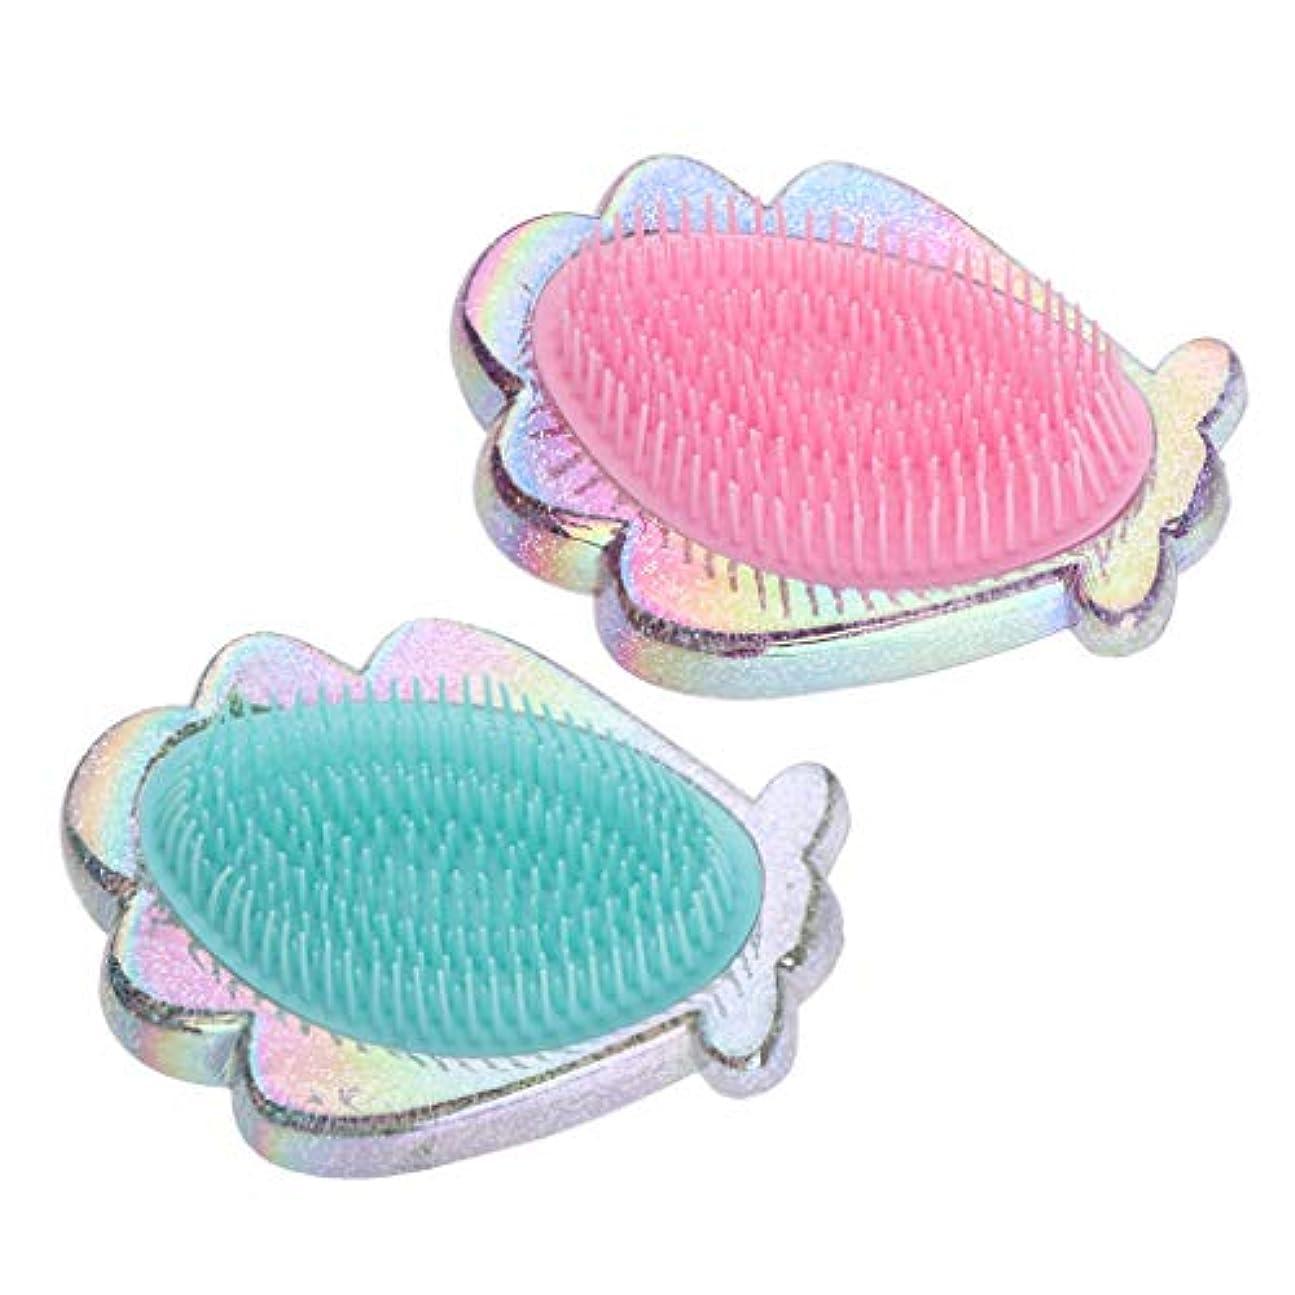 クモジェムマラウイF Fityle プラスチック製 コーム シェル形 ヘアブラシ ヘアコーム 全2個